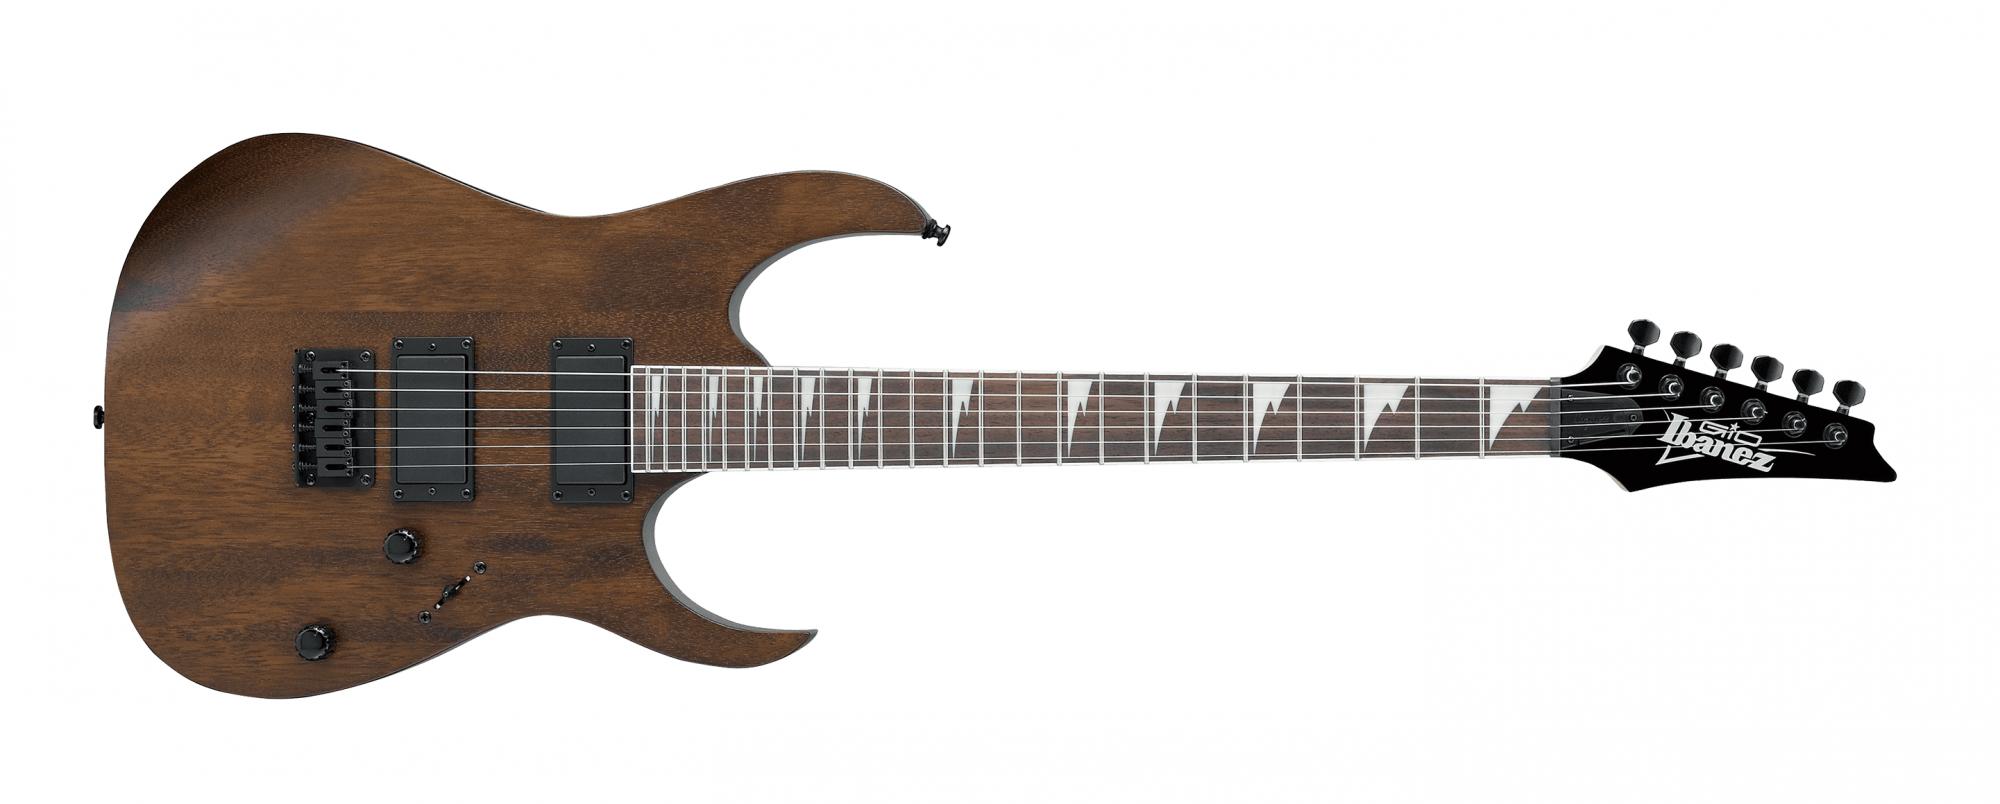 Ibanez GRG121DX Electric Guitar, Walnut Flat